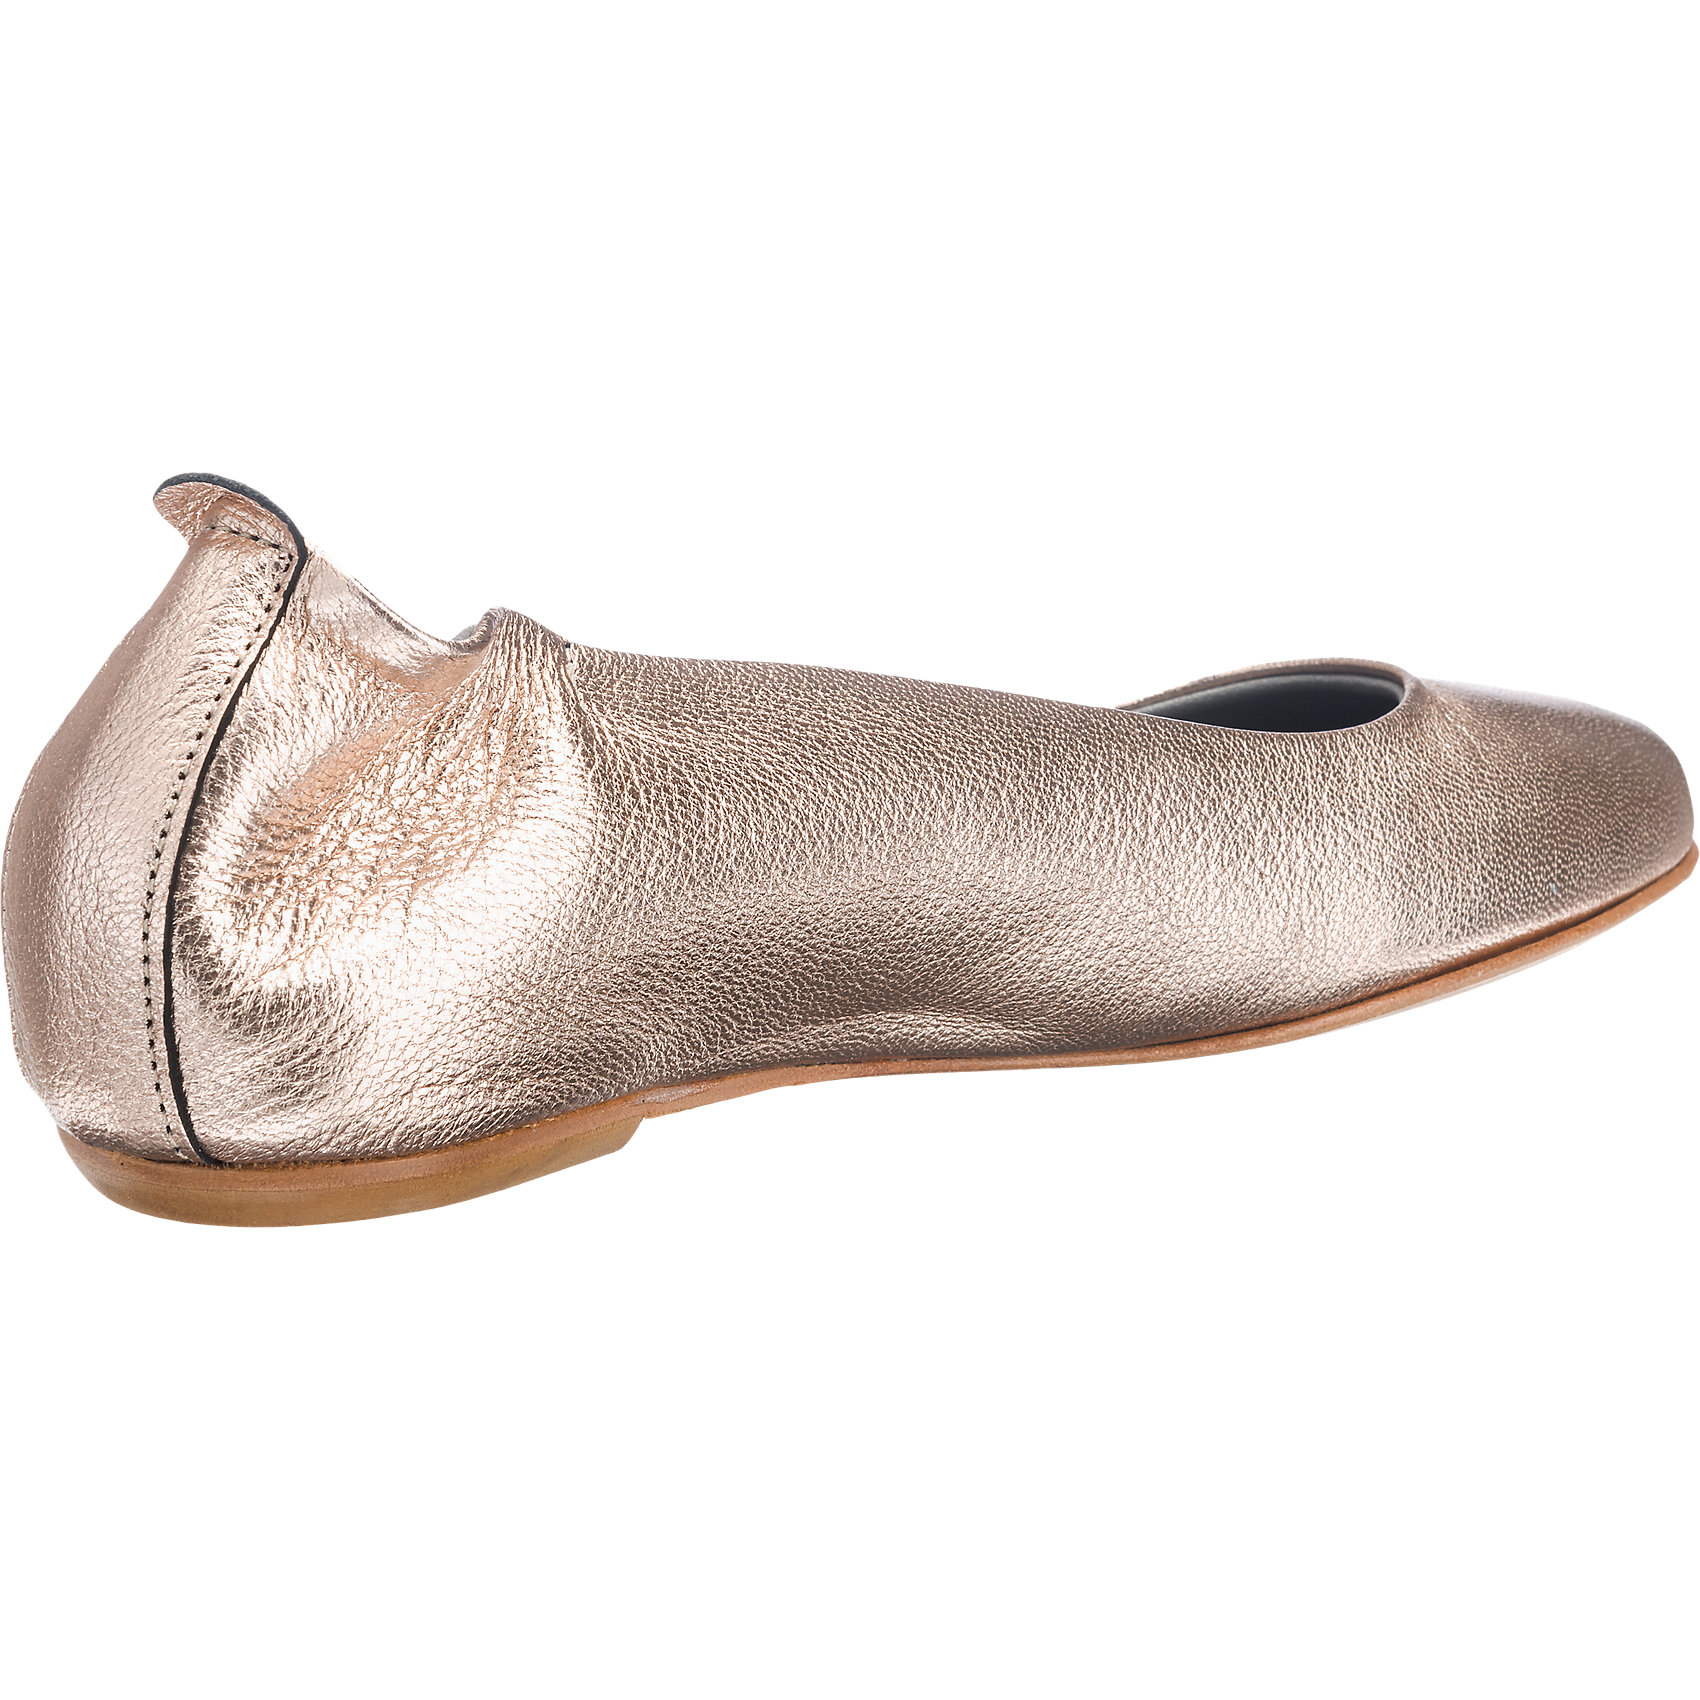 Neu für LILIMILL Ballerinas 5773050 für Neu Damen rosa f22d80